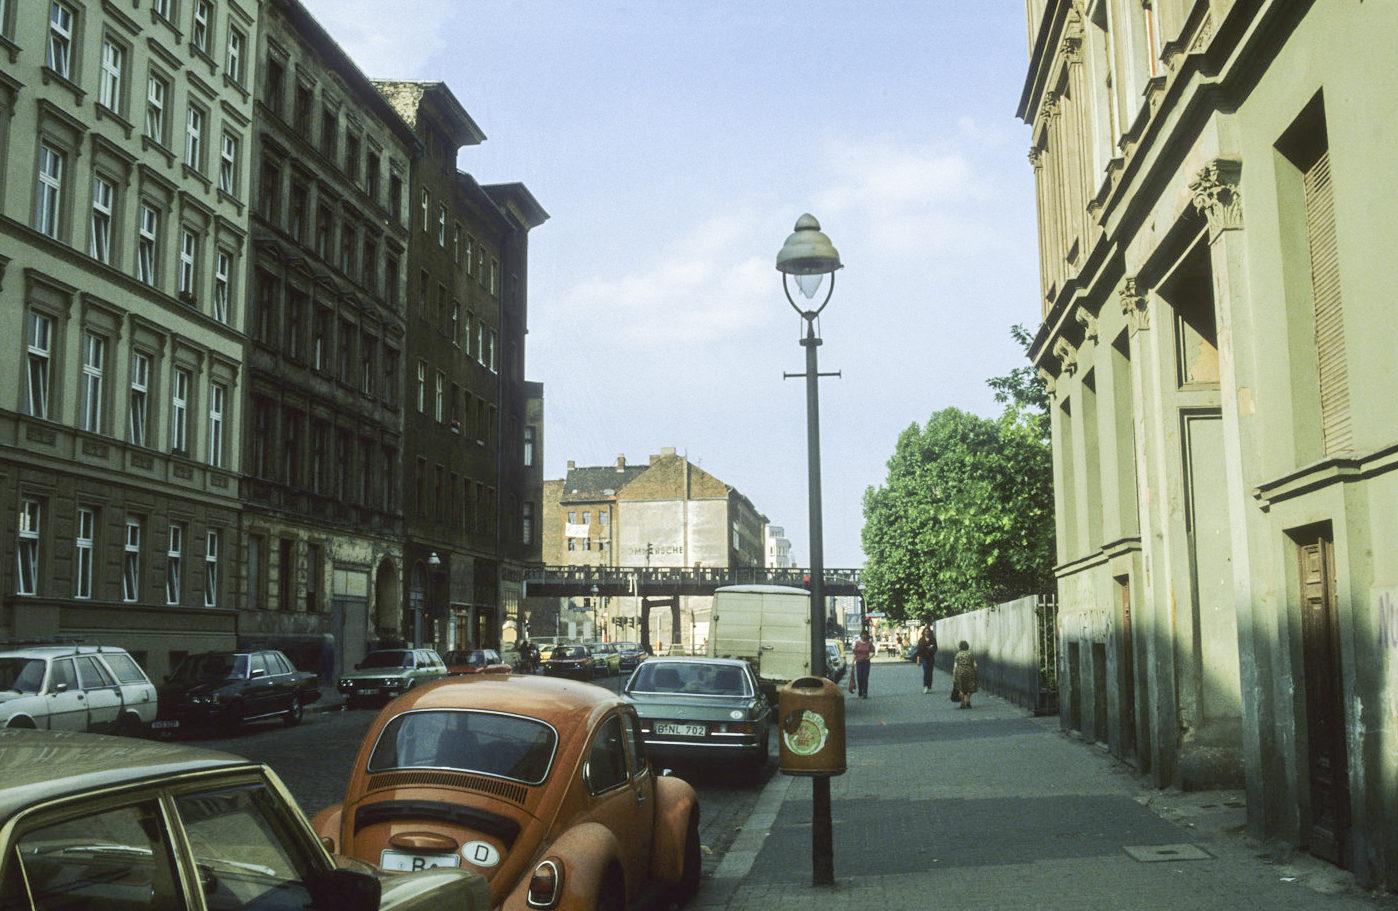 Blick in die Manteuffelstraße, in Richtung Skalitzer Straße, um 1982. Foto: Kostas Kouvelis/FHXB Friedrichshain-Kreuzberg Museum/CC BY 4.0